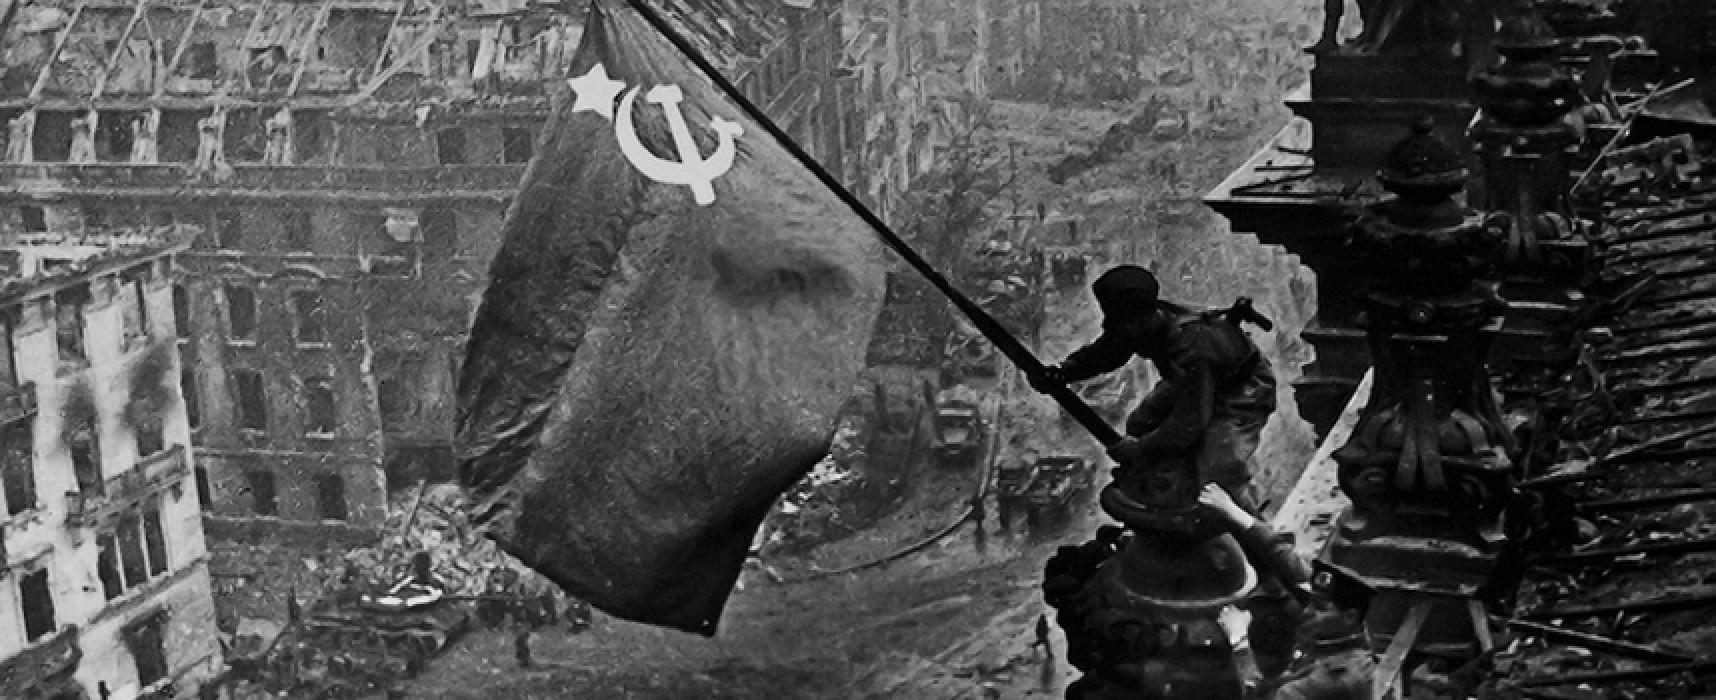 La seconda guerra mondiale dall'obiettivo di Evgenij Chaldej in mostra a Palazzo Tupputi